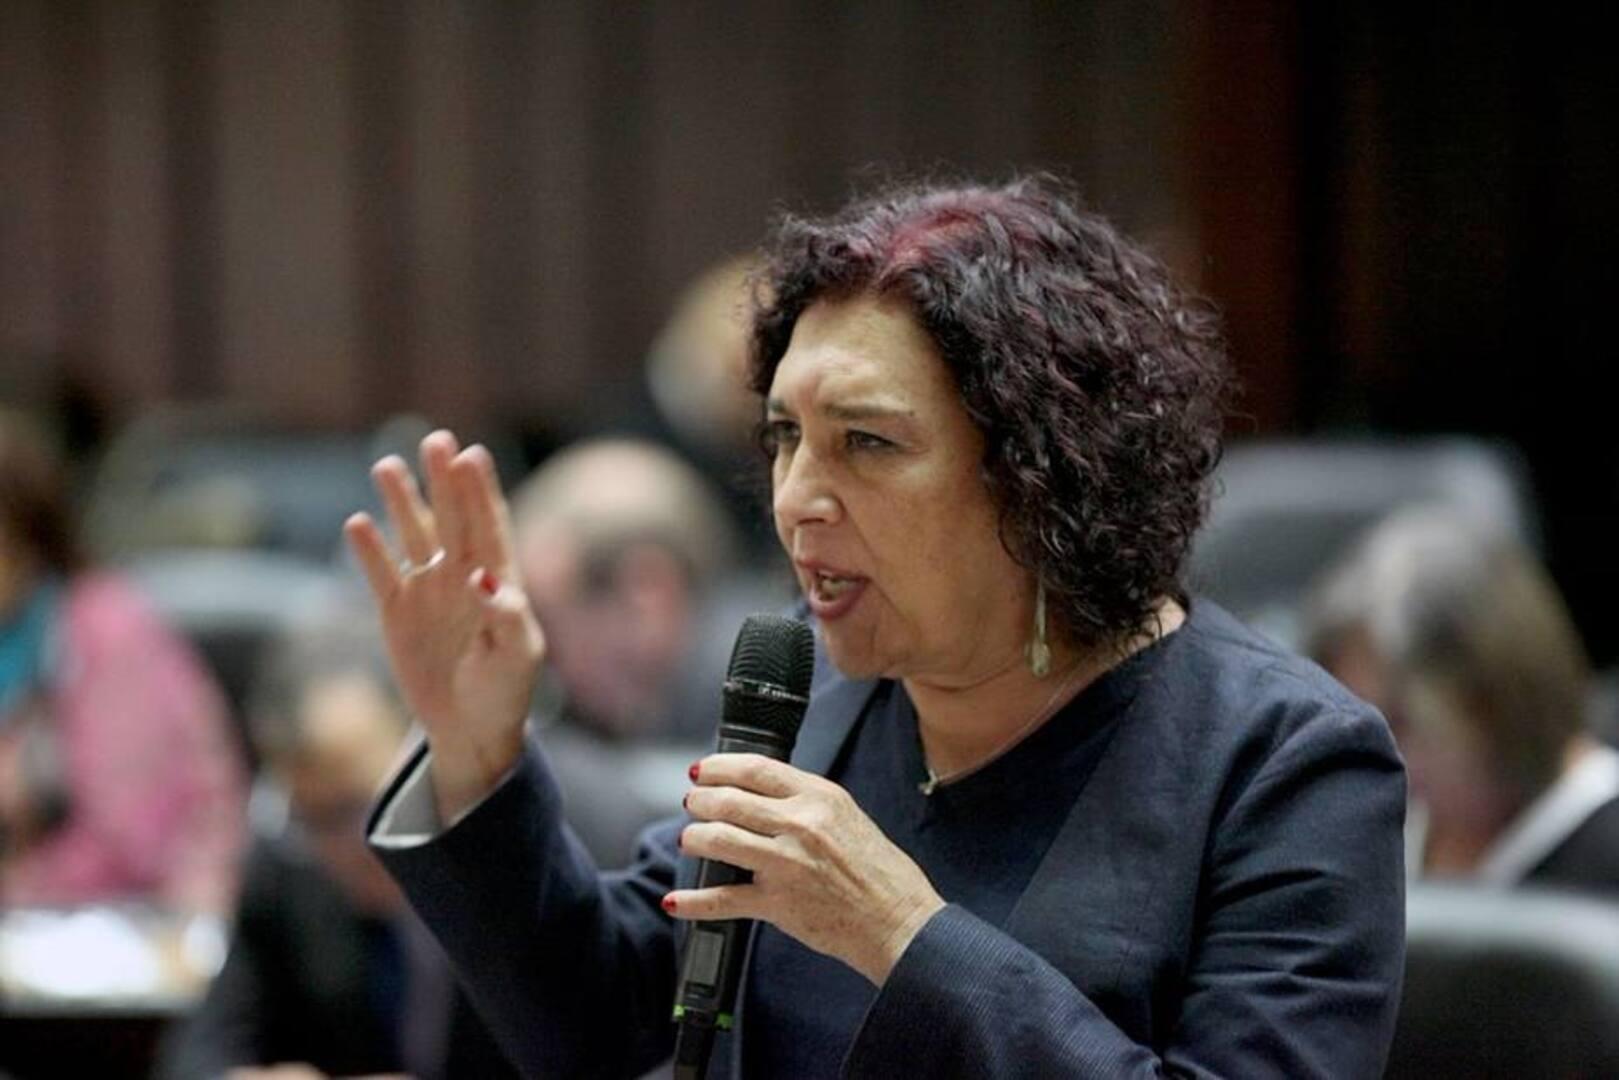 Tamara Adrián advierte que COVID-19 ha afectado de manera desproporcionada a la comunidad LGBTIQ